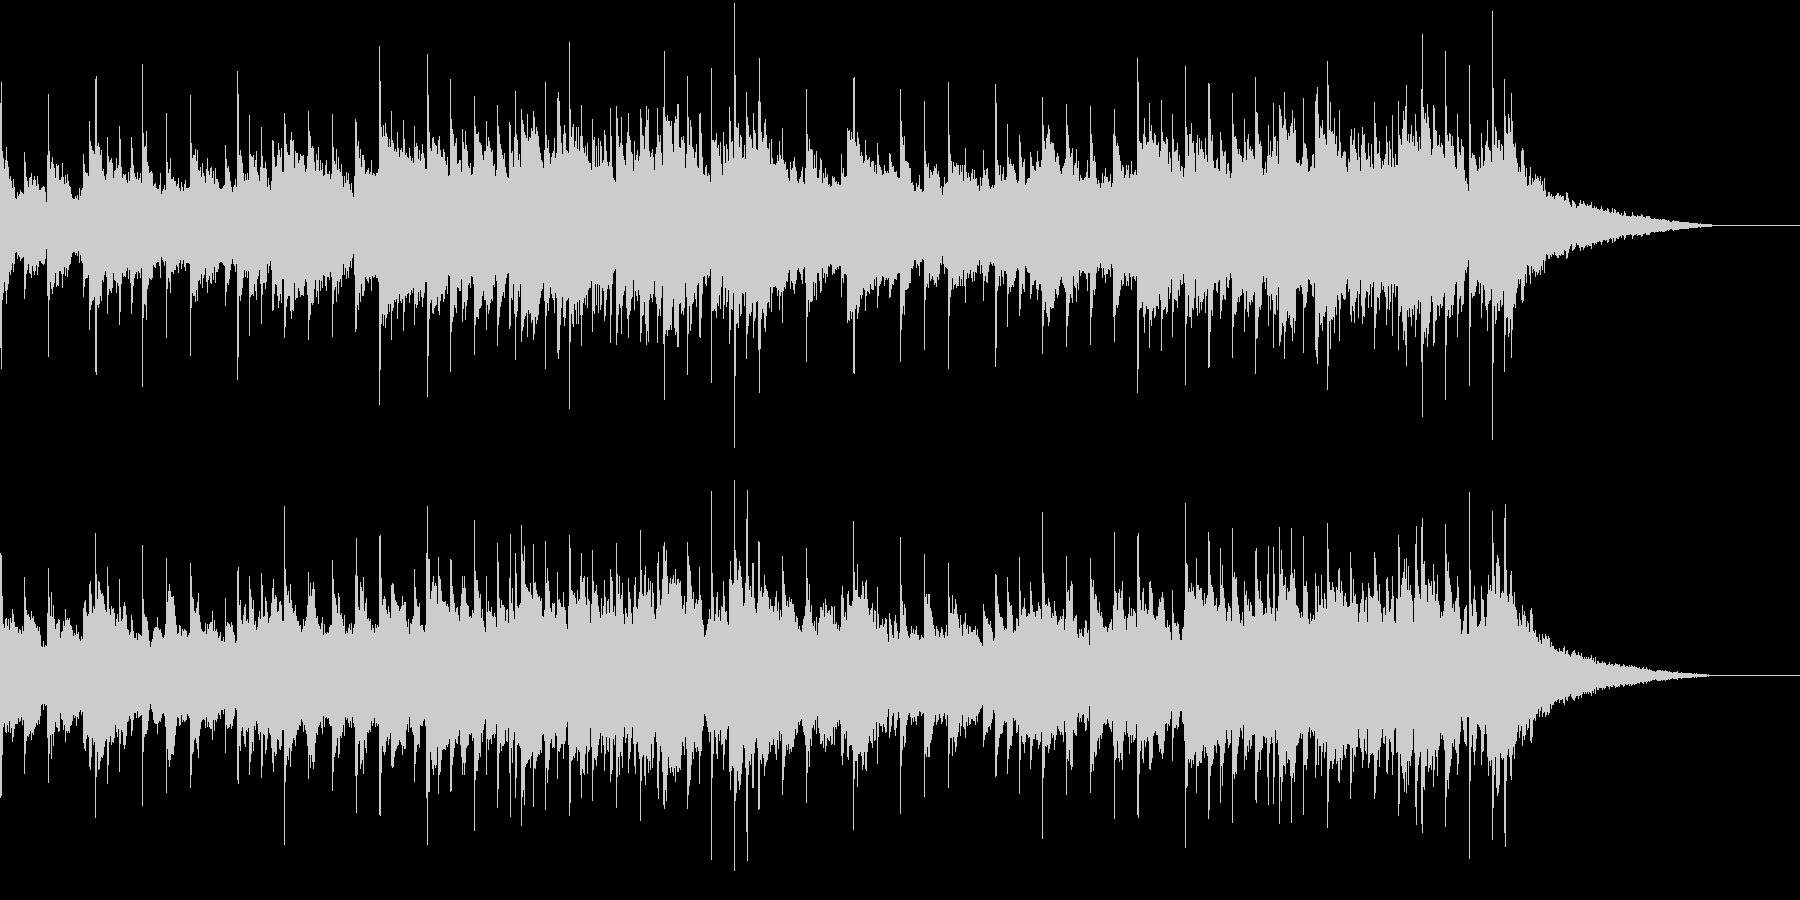 残響成分多めのオルゴール風BGMです。の未再生の波形